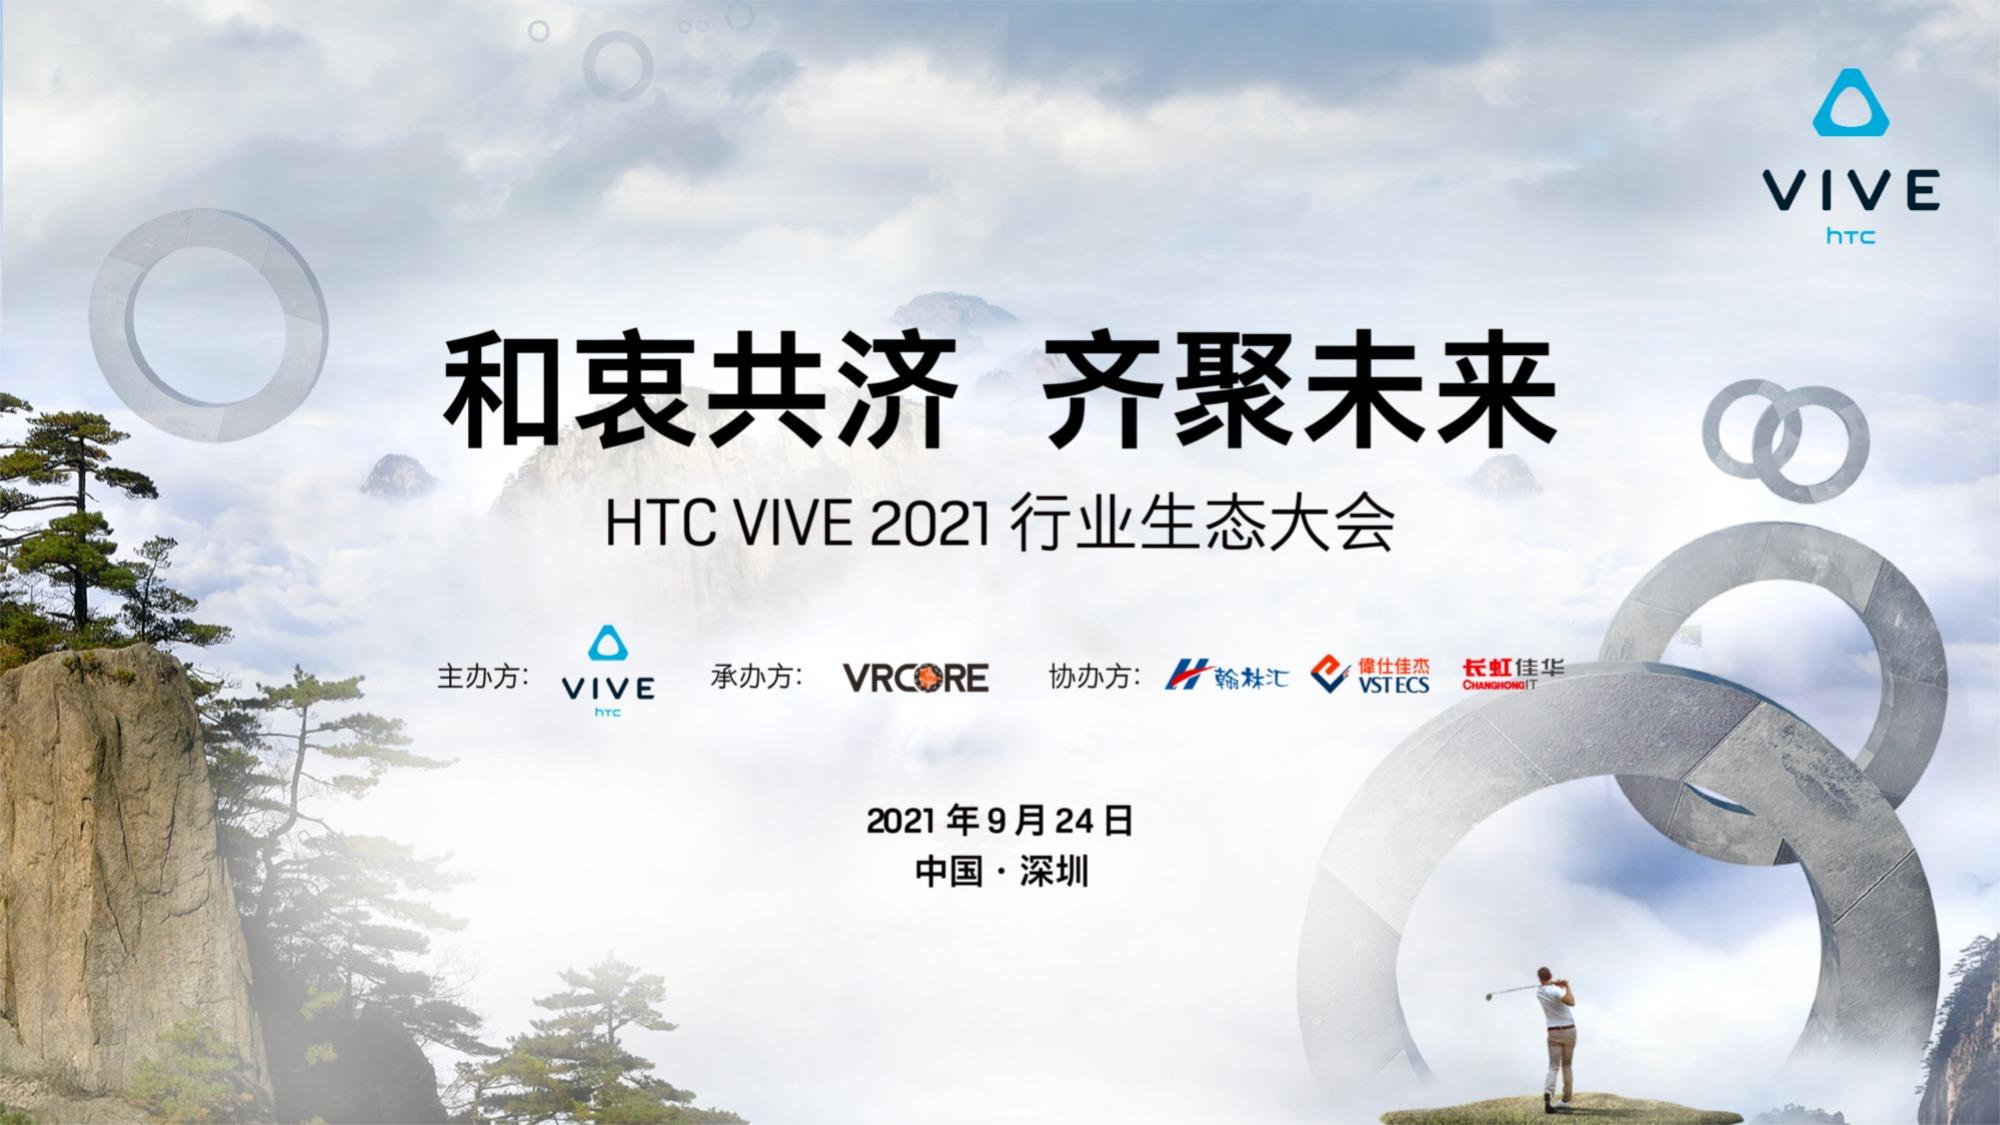 HTC VIVE 2021 行业生态大会将于9月24日在深圳正式举办